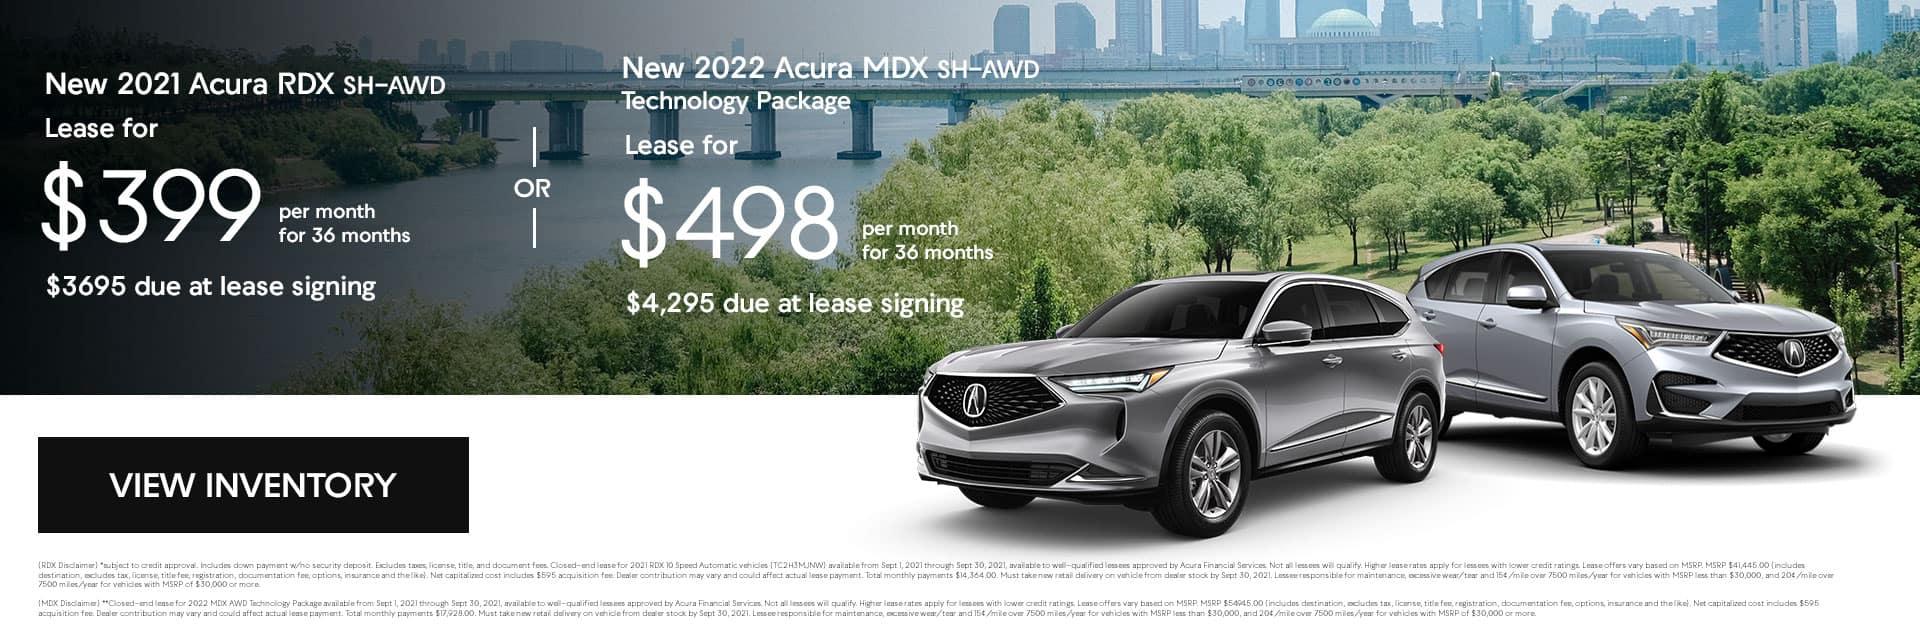 new 2021 Acura RDX SH-AWD/ new 2021 Acura MDX